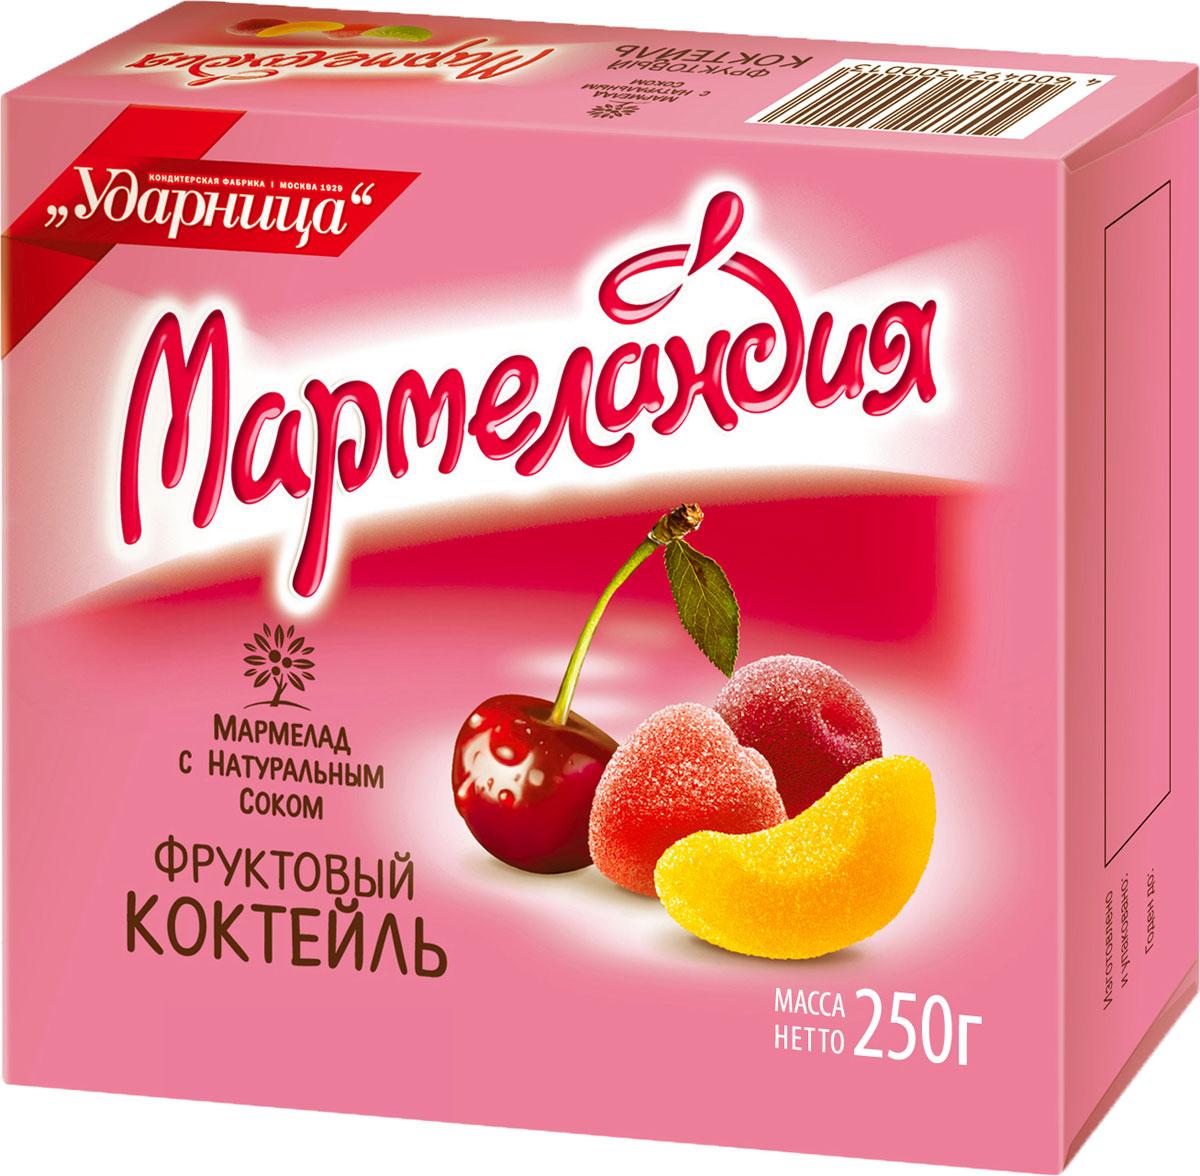 Мармеландия мармелад фруктовый коктейль, 250 г1010299101«Фруктовый коктейль» - это мармелад, повторяющий форму ягод и долек фруктов, с натуральным свежим вкусом клубники, лимон-лайма, абрикоса и вишни. Фруктовый коктейль - это инновационный мармелад, содержащий соки и экстракты ягод и тропических фруктов,